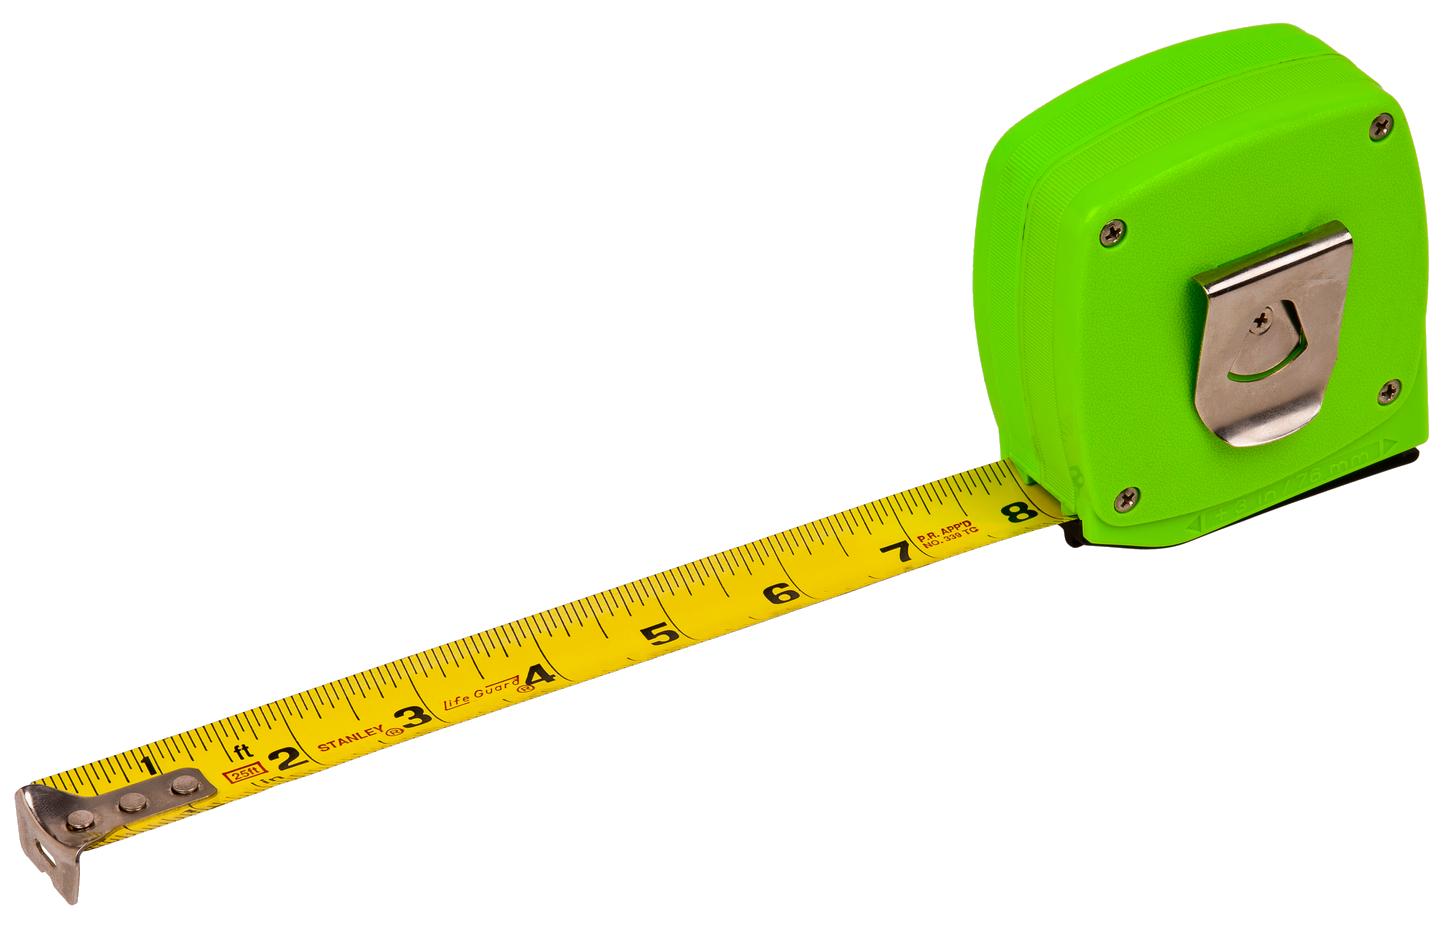 Measure Tape Social Media Measurement Tape Measures Tape Measure